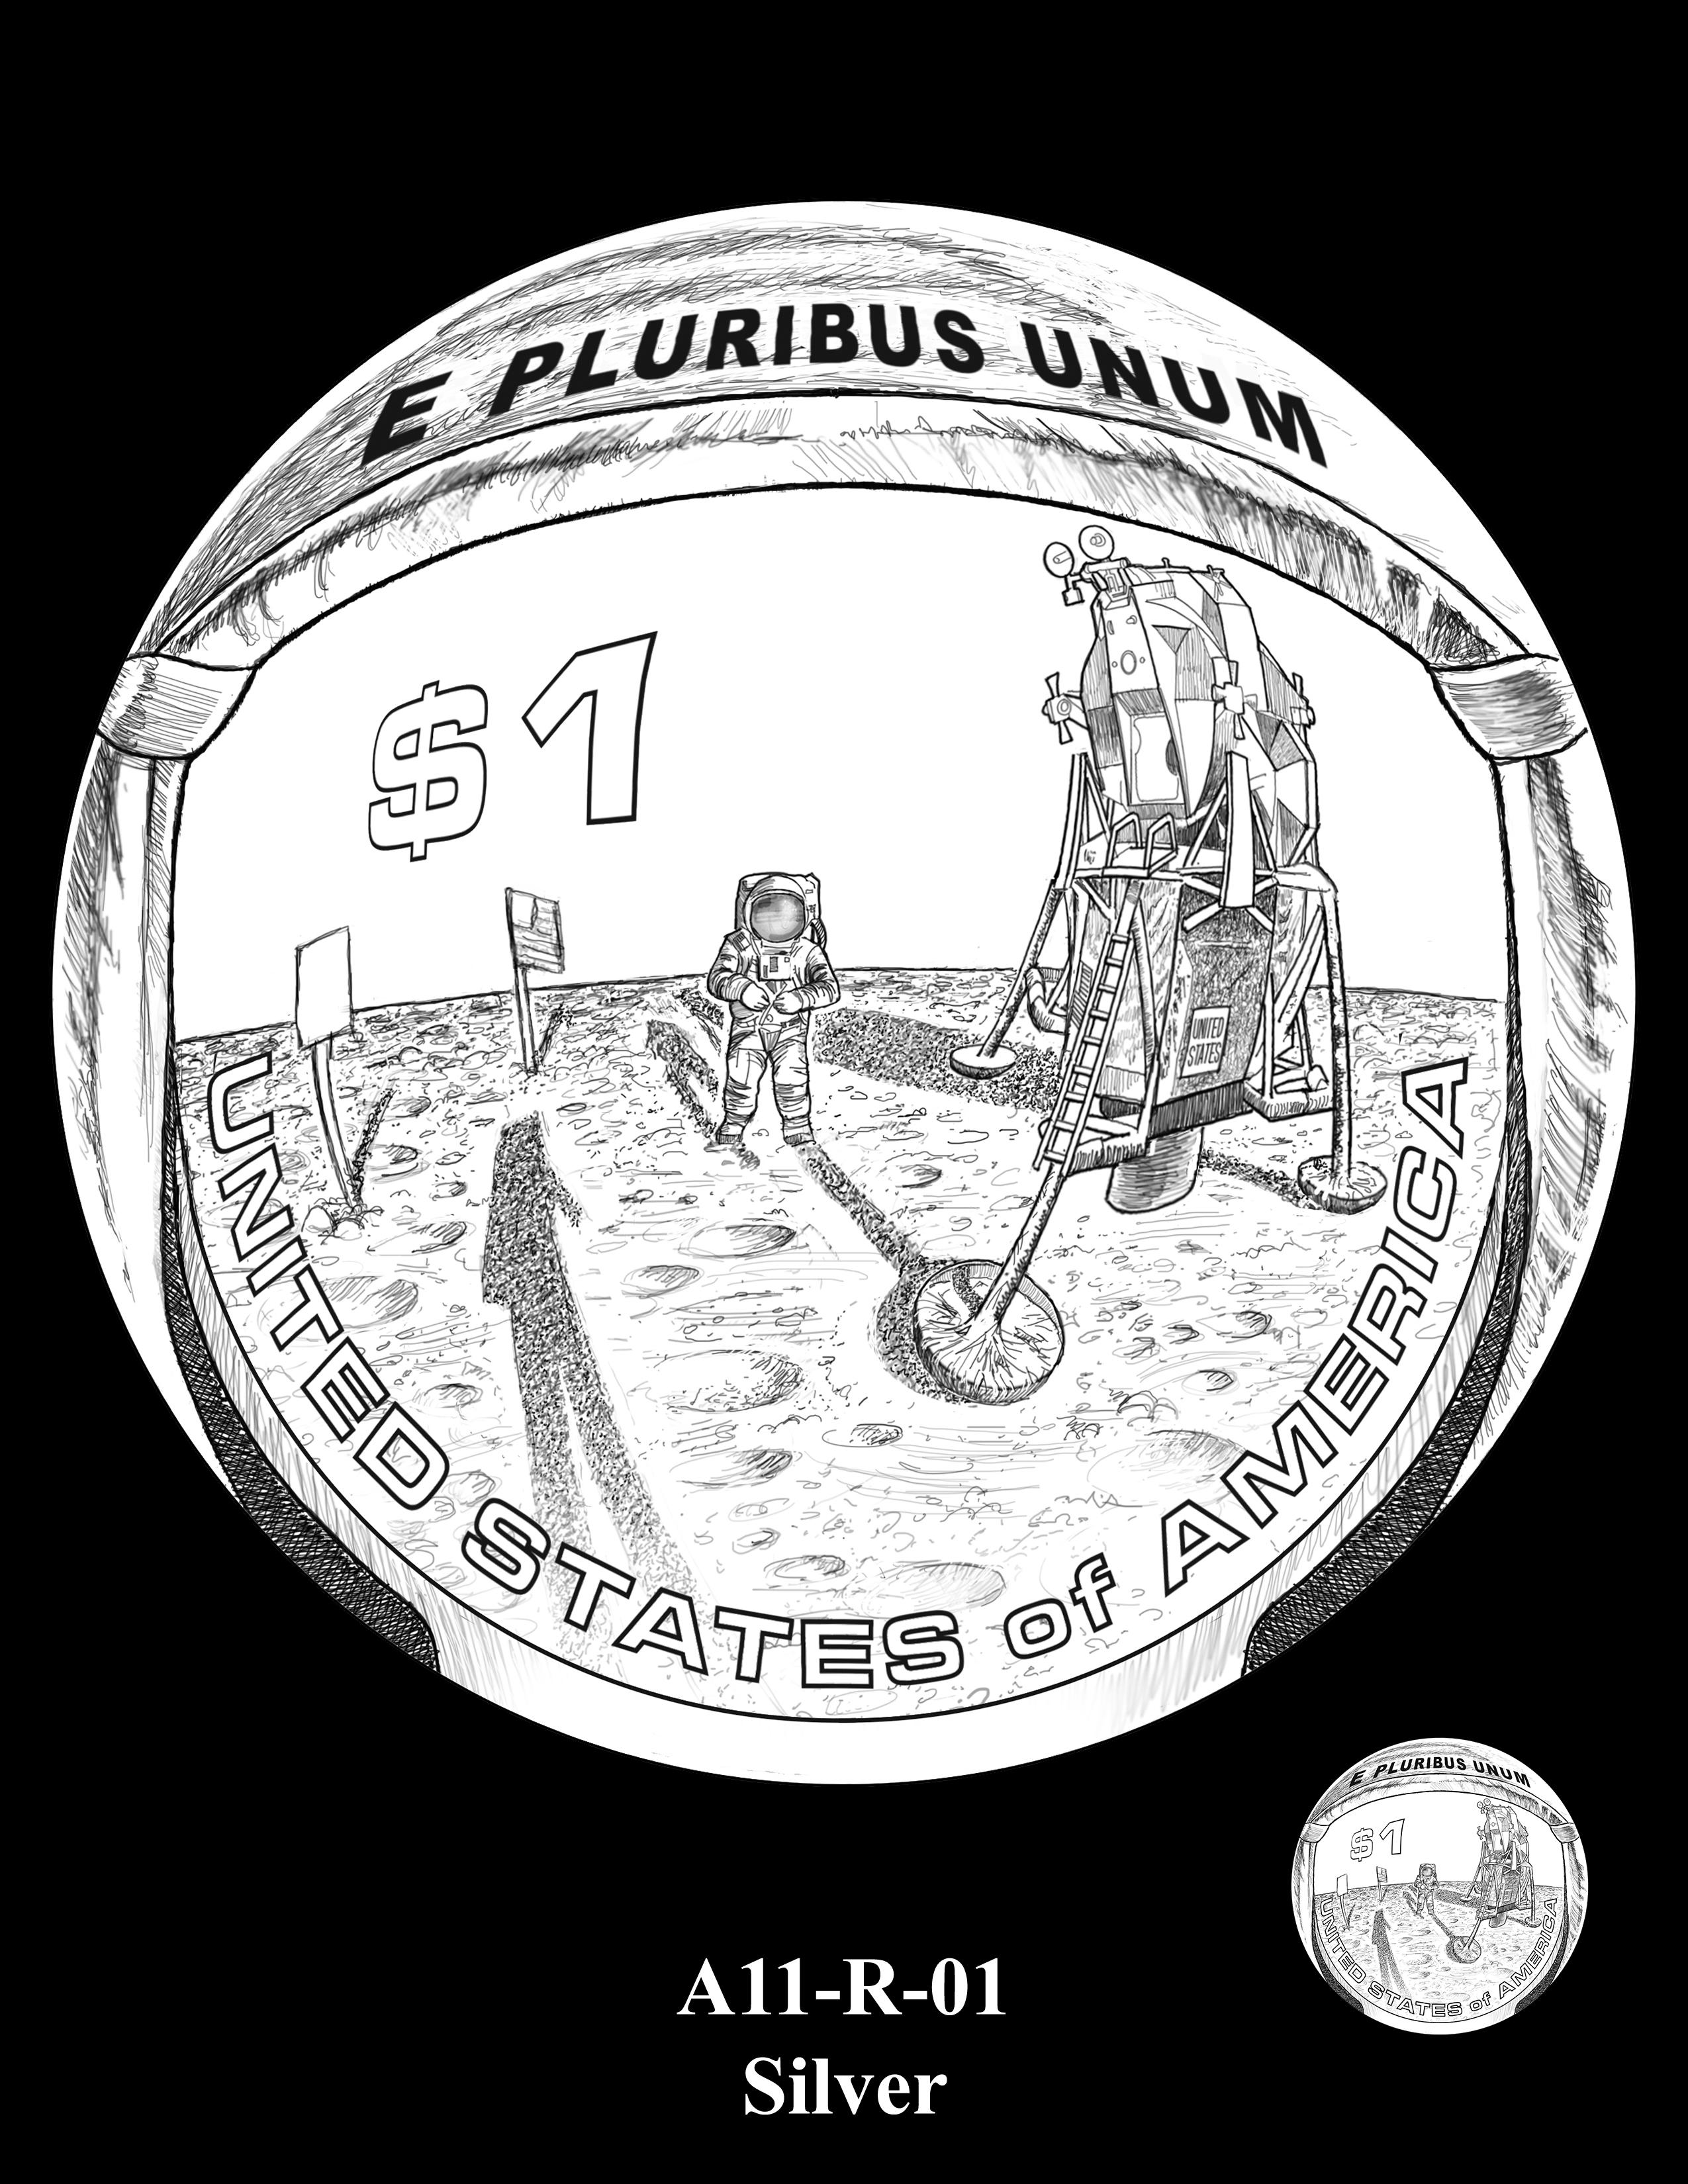 A11-R-01-SILVER -- 2019-Apollo 11 50th Anniversary Commemorative Coin